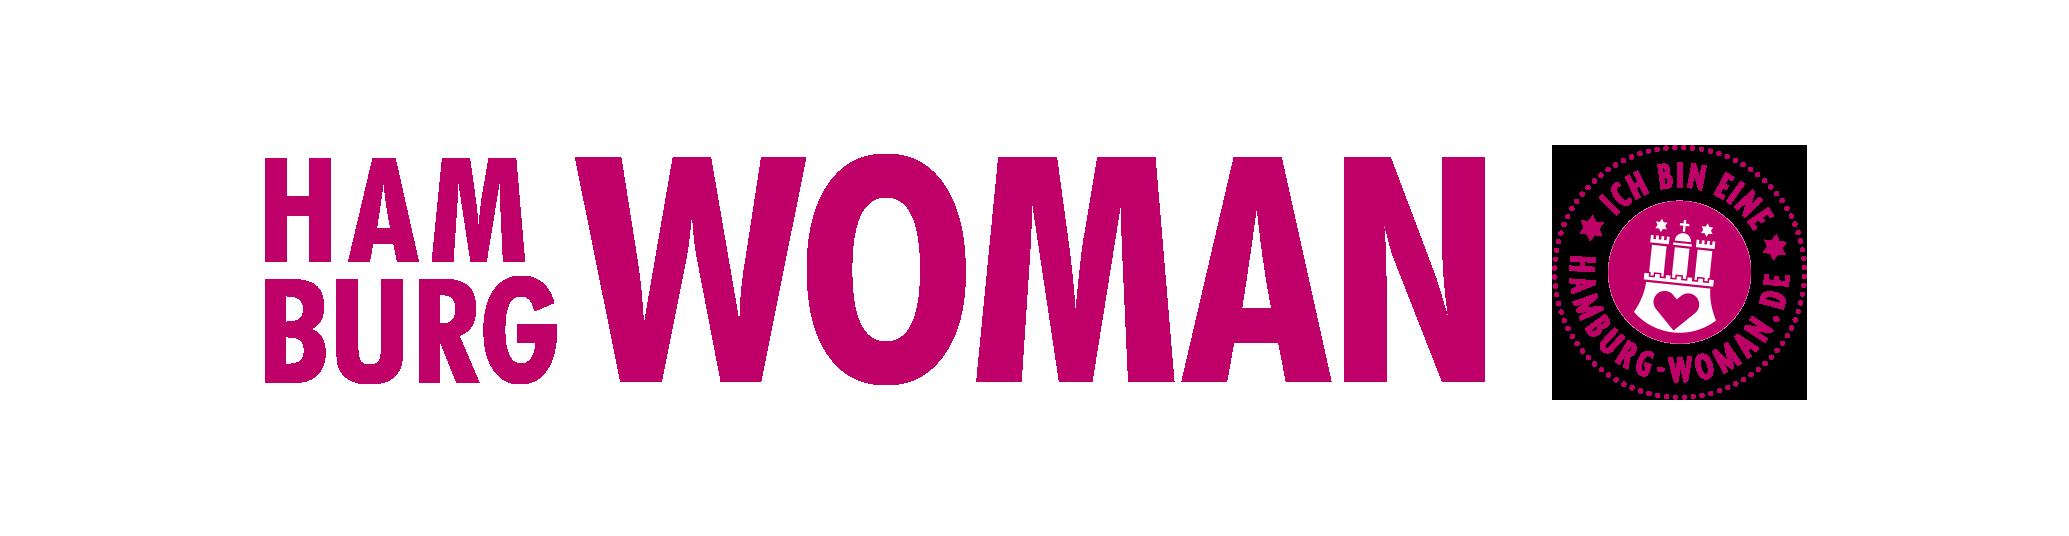 Hamburg Woman